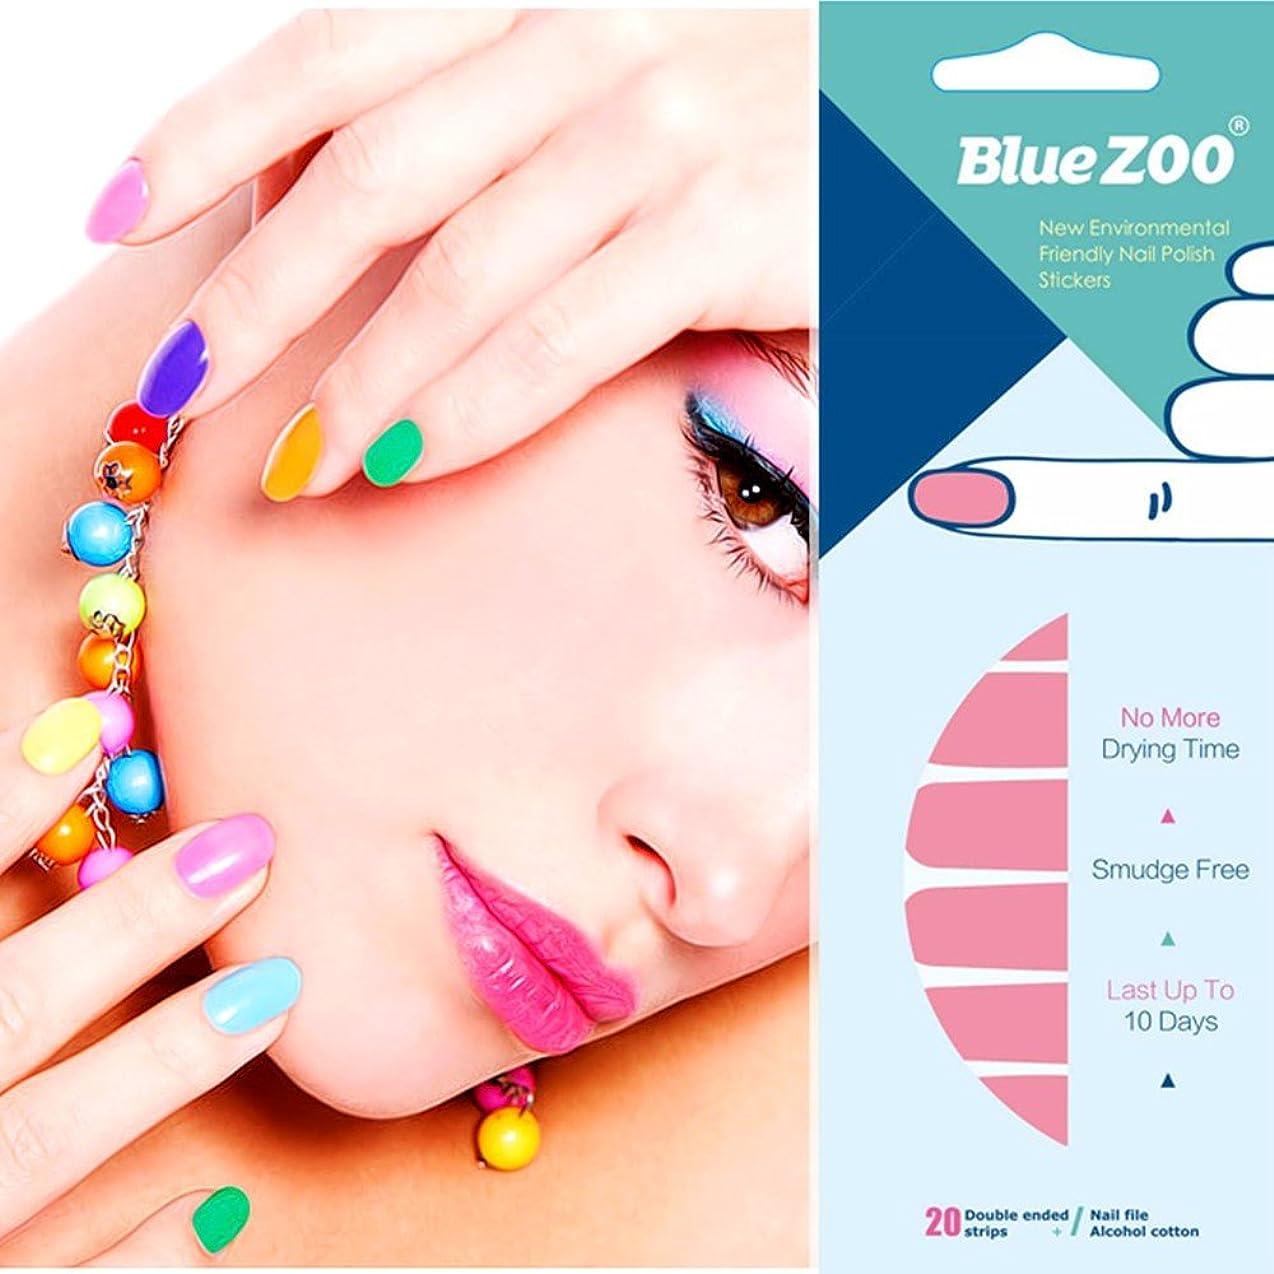 危険な抗生物質ランプBlueZOO (ブルーズー) ネイル シール ステッカー 高品質の 純色の ネイル ペースト 20個/枚 貼るだけマニキュア